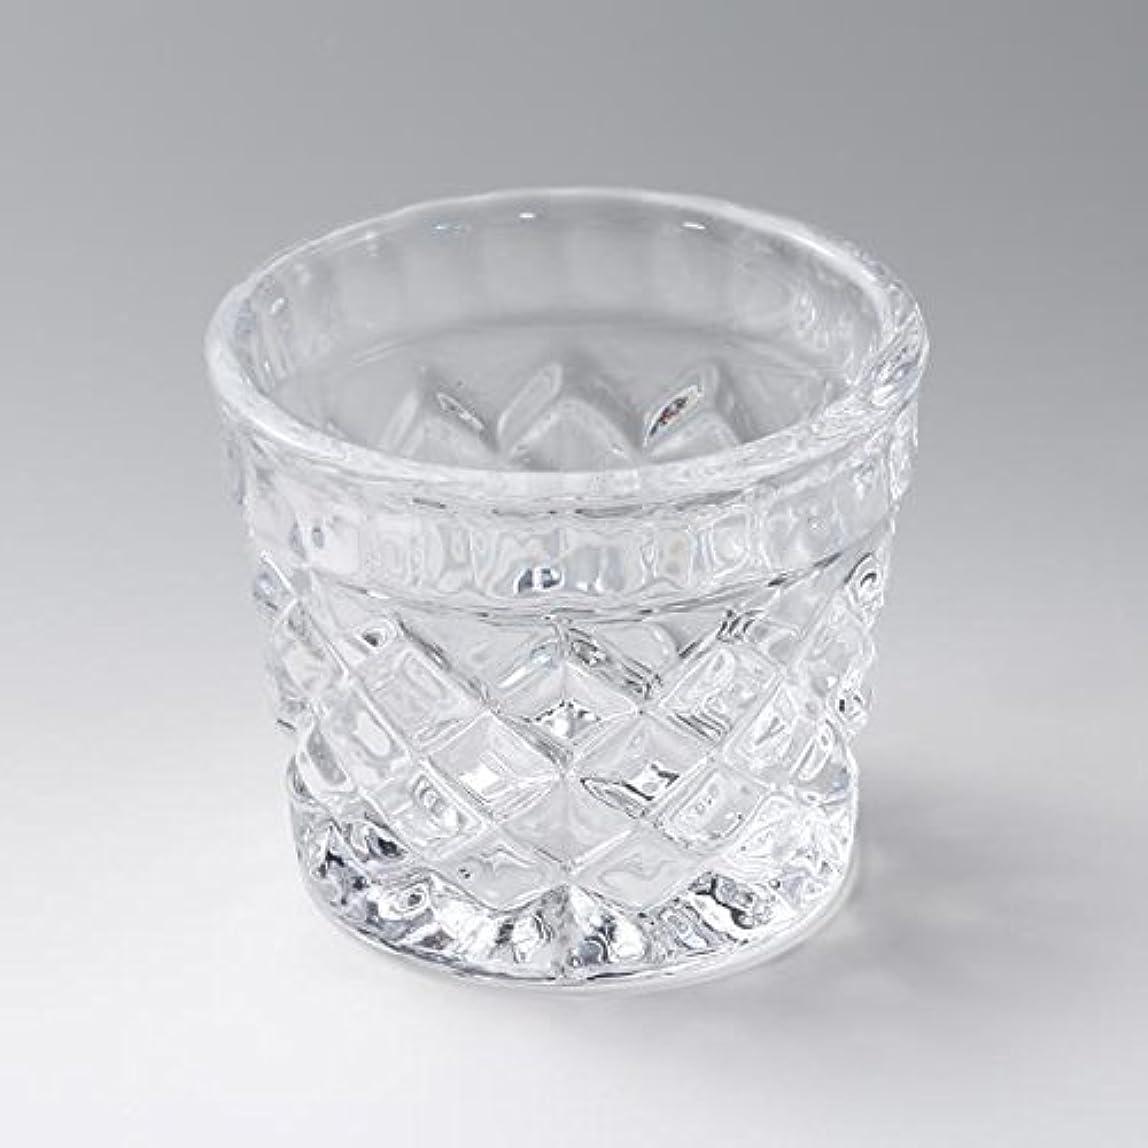 予見する融合膨張するキャンドルグラス トレリス